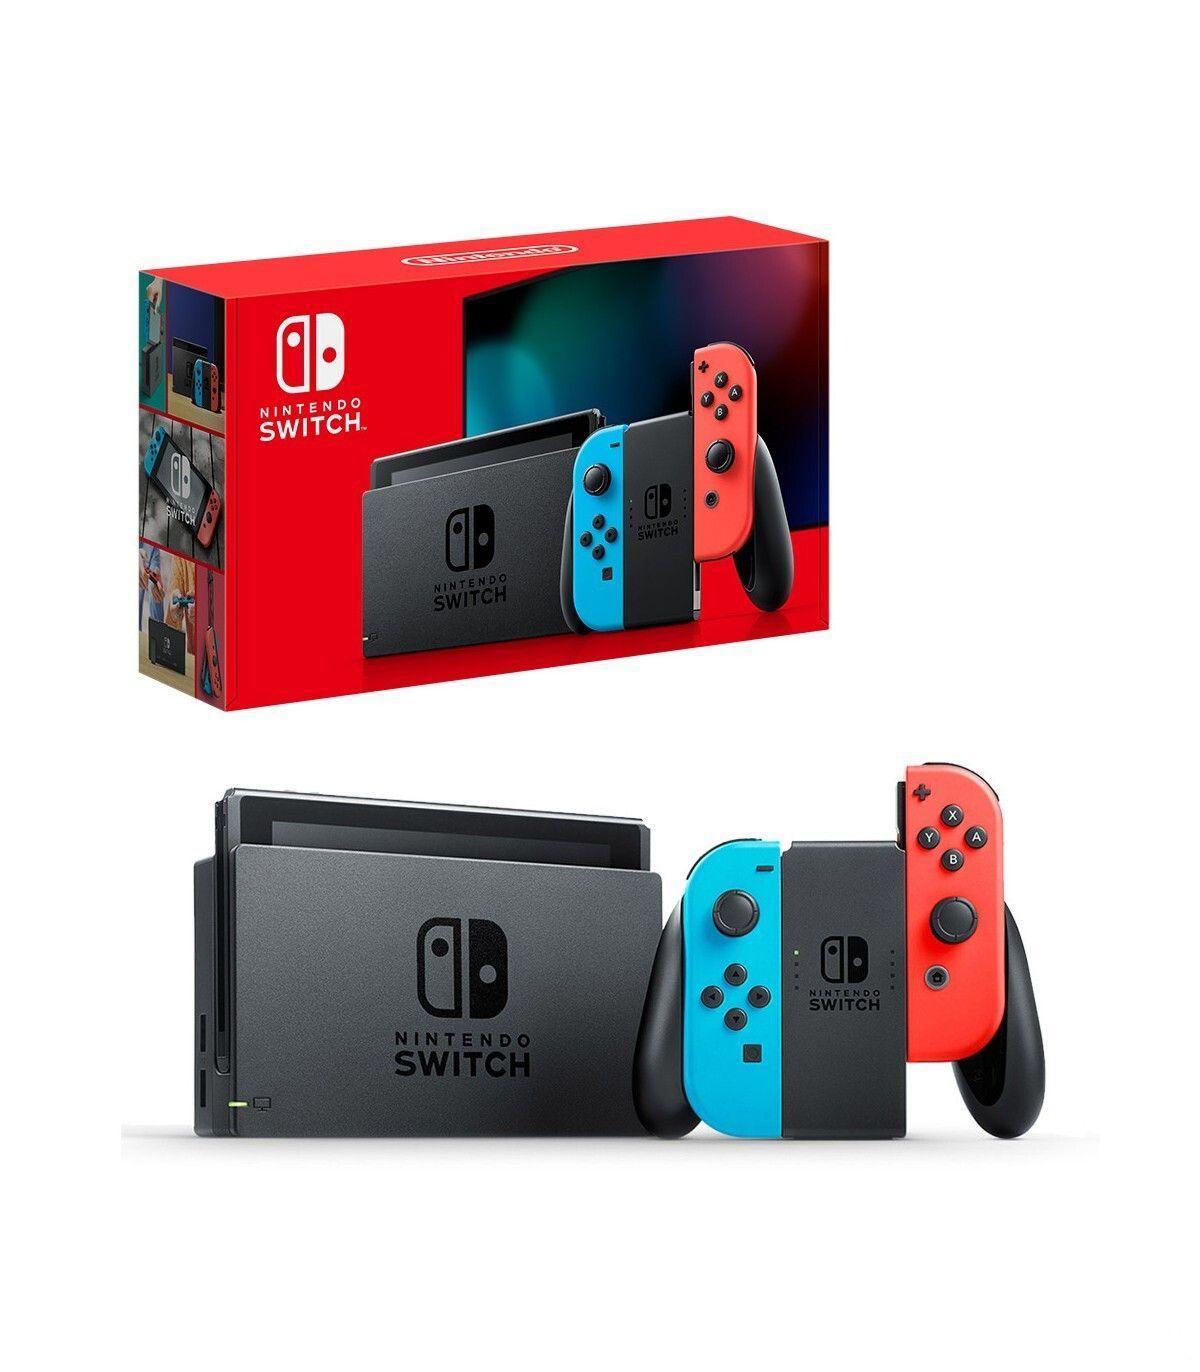 Comienzan Las horas locas de TTDV con ofertas de Nintendo por tiempo limitado